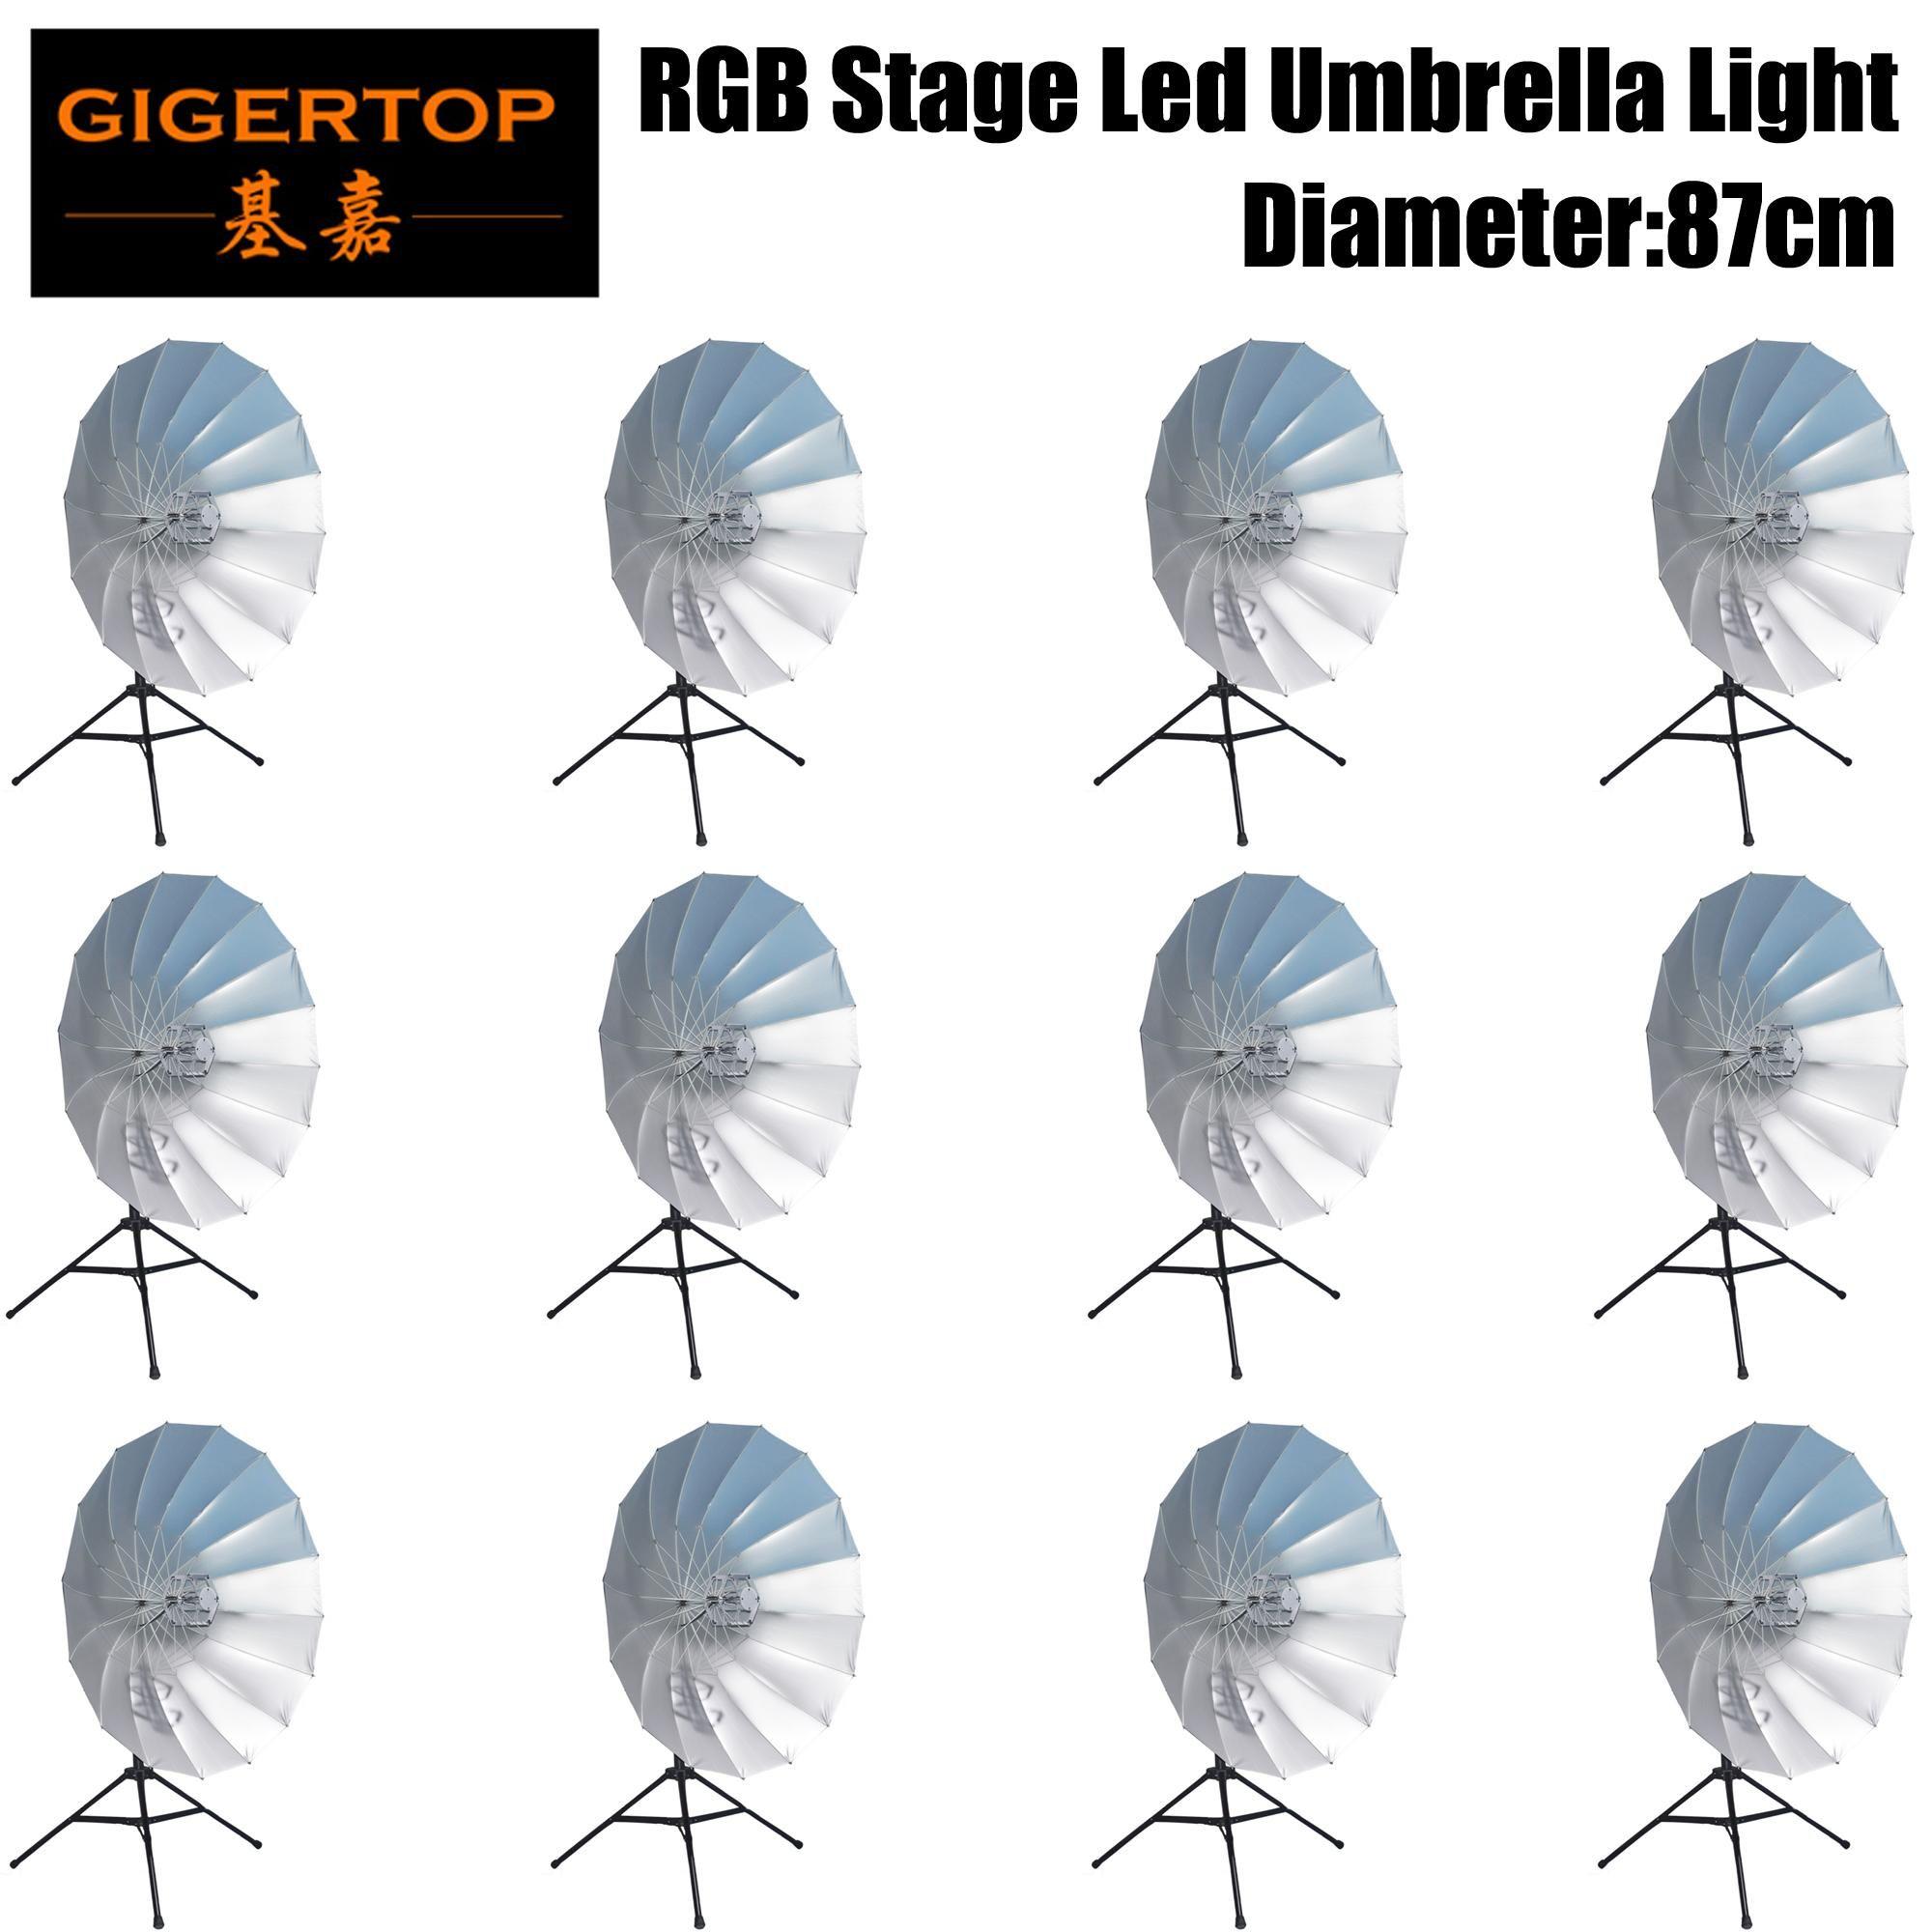 Cgjxs Tiptop 12 unidades 20inch Rgb 3in1 dança LED Show guarda-chuva colorido luminescência Use Prop Luz Stage como presentes Favolook Costume Accessori